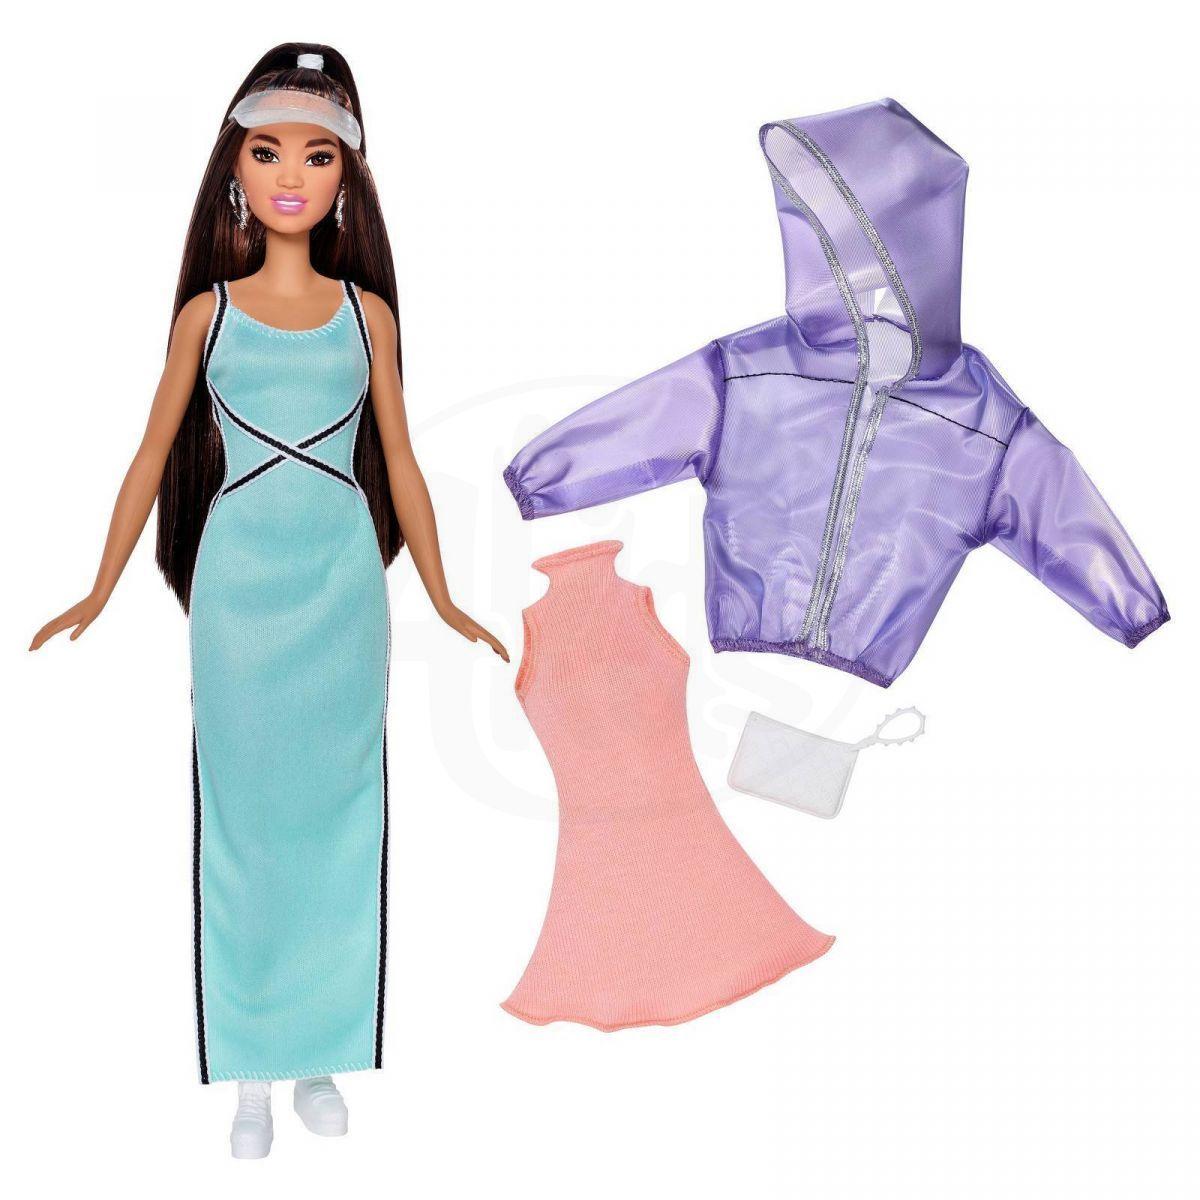 MATTEL Barbie Modelka s oblečky a doplňky 86